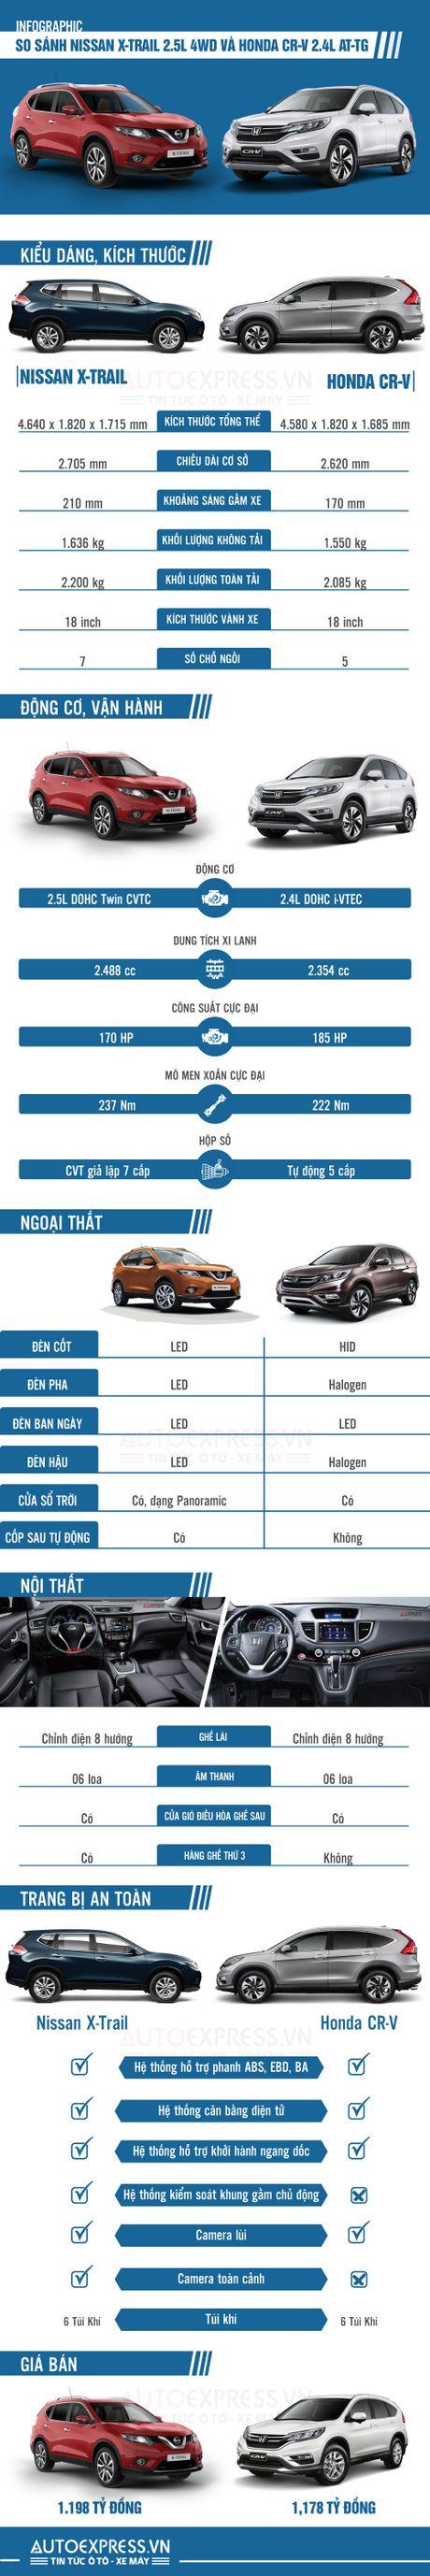 Chon Nissan X-Trail hay Honda CR-V khi cung tam gia? - Anh 1